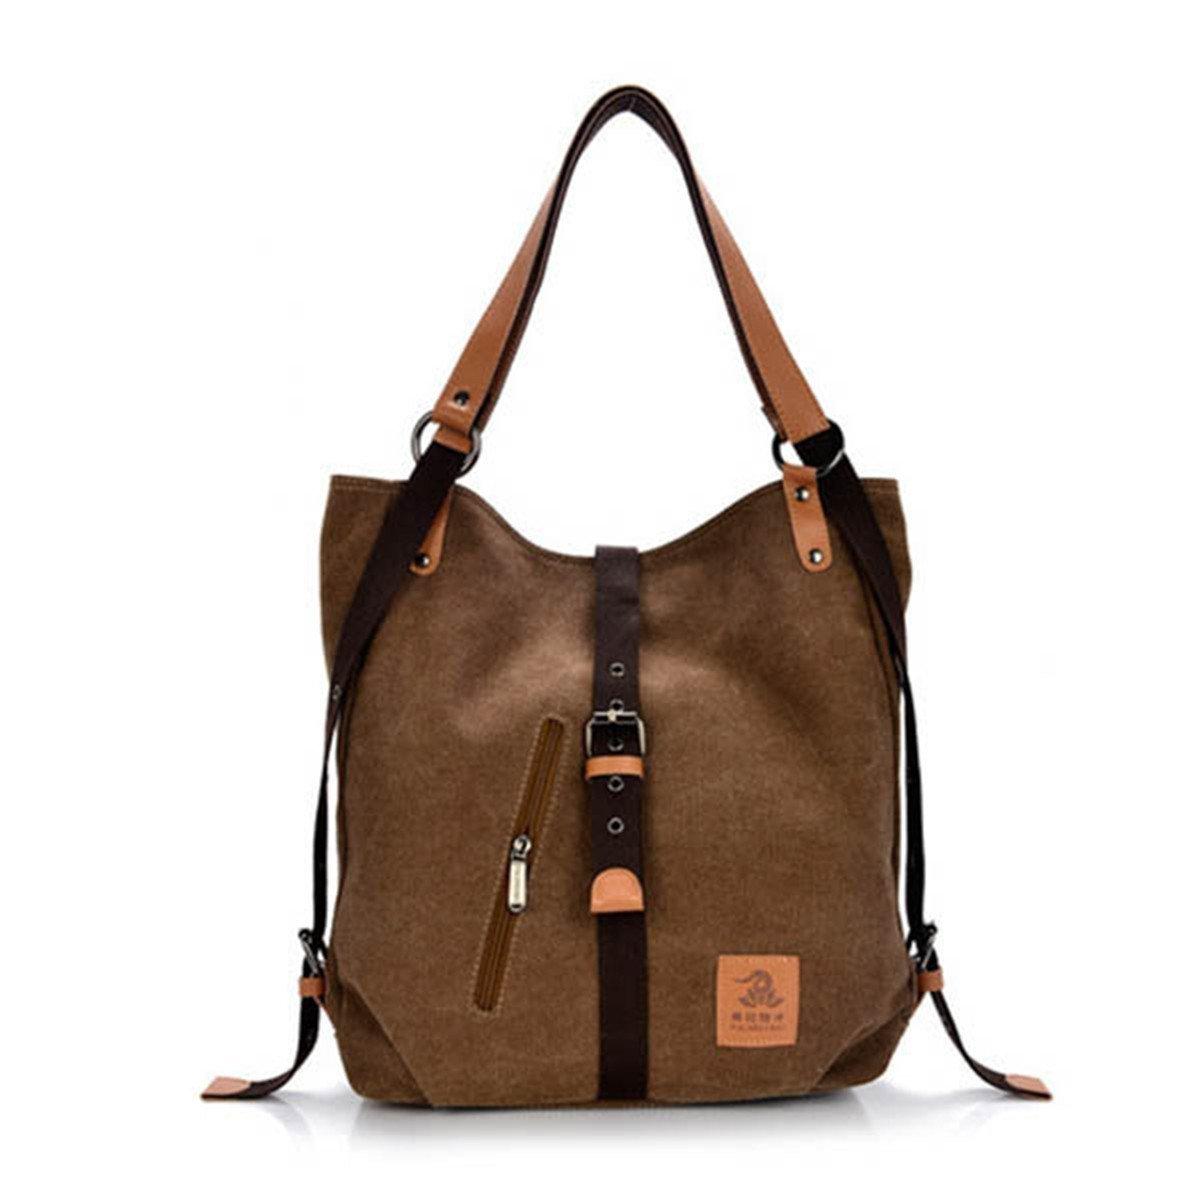 Unisex Canvas Shoulder Bag Casual Travel Daypack Backpack Large Capacity Handbag Messenger Hobo Tote Bag (Brown)